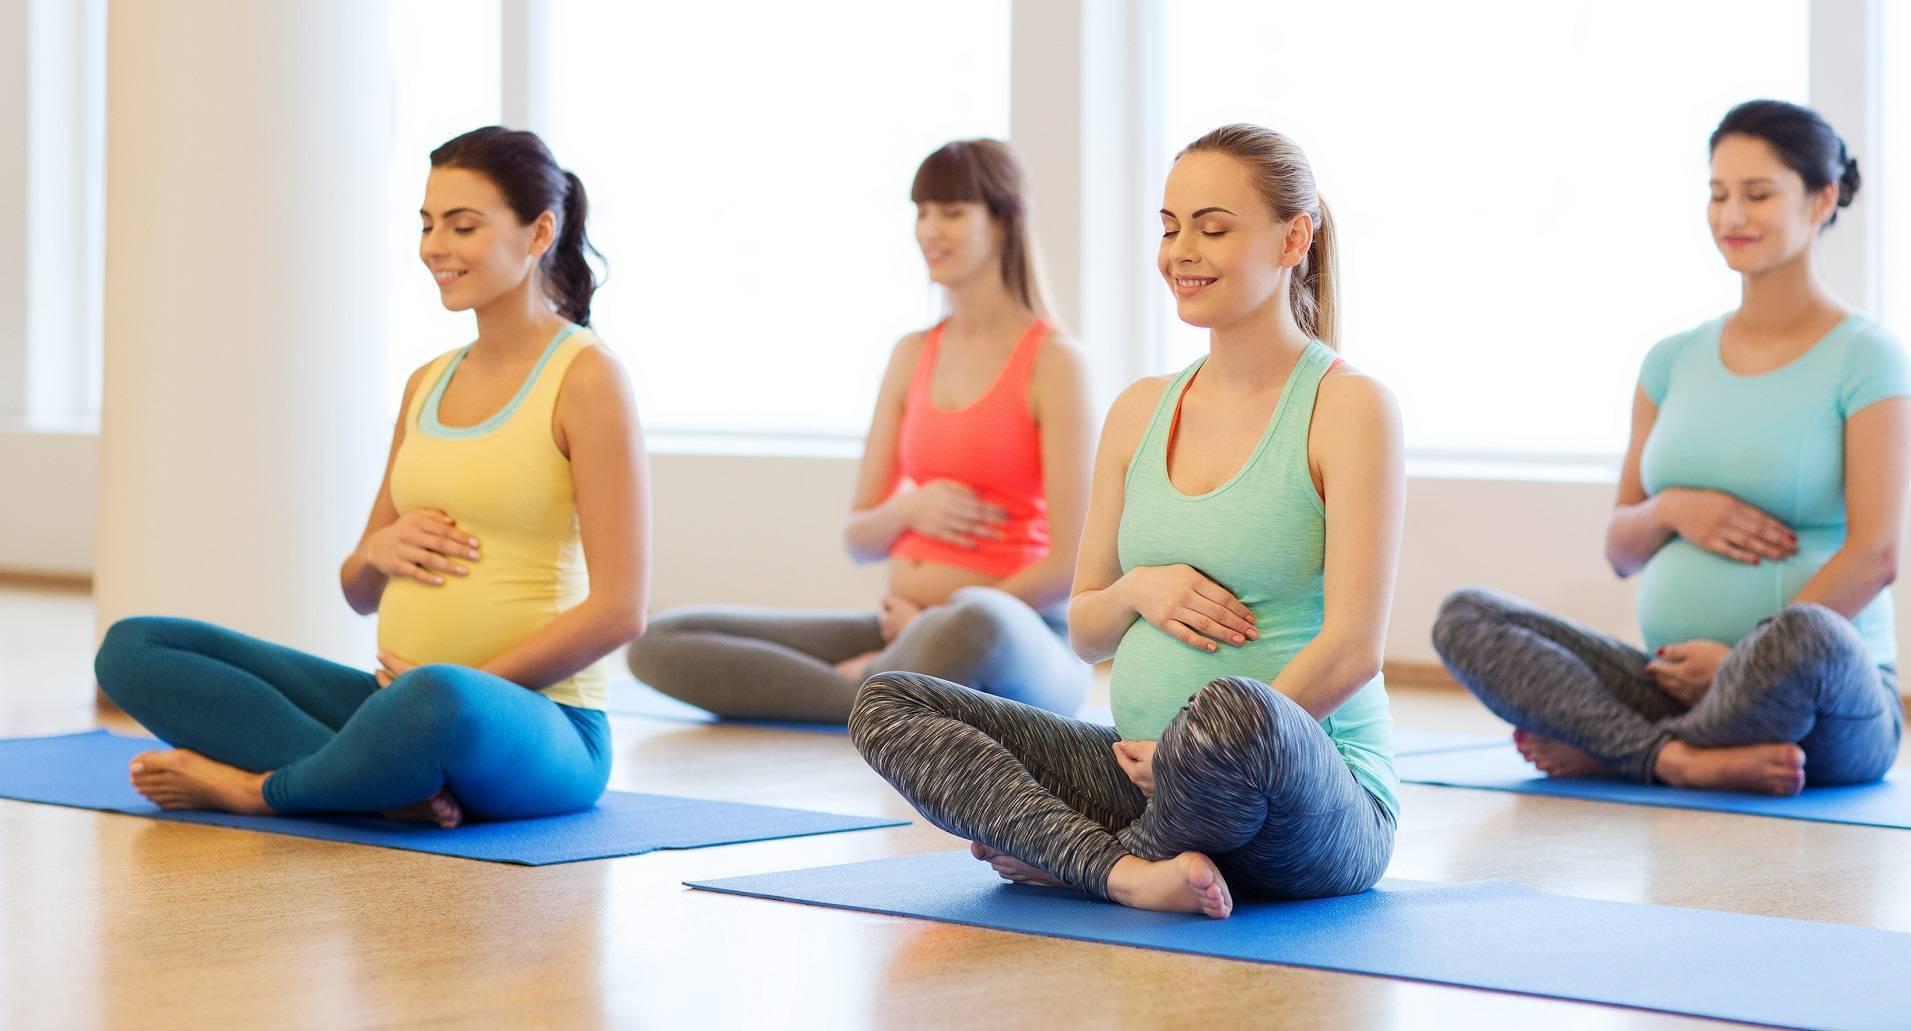 Обучение на инструктора перинатальной йоги (йоги для беременных) в школе инструкторов йоги | федерация йоги россии – федерация йоги россии